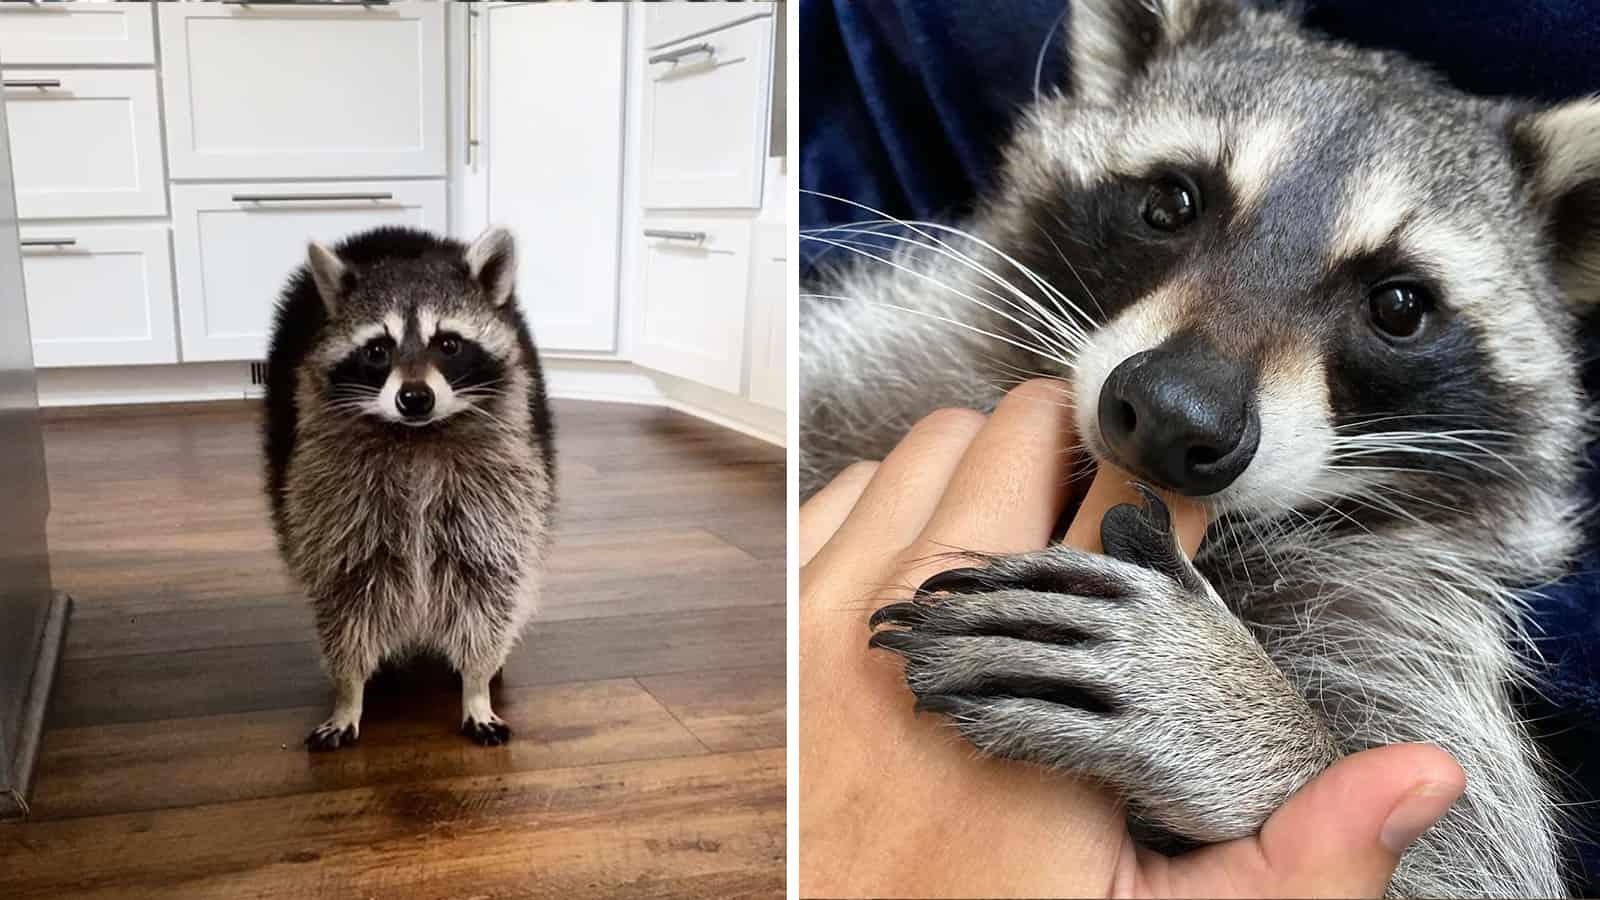 rescues raccoon